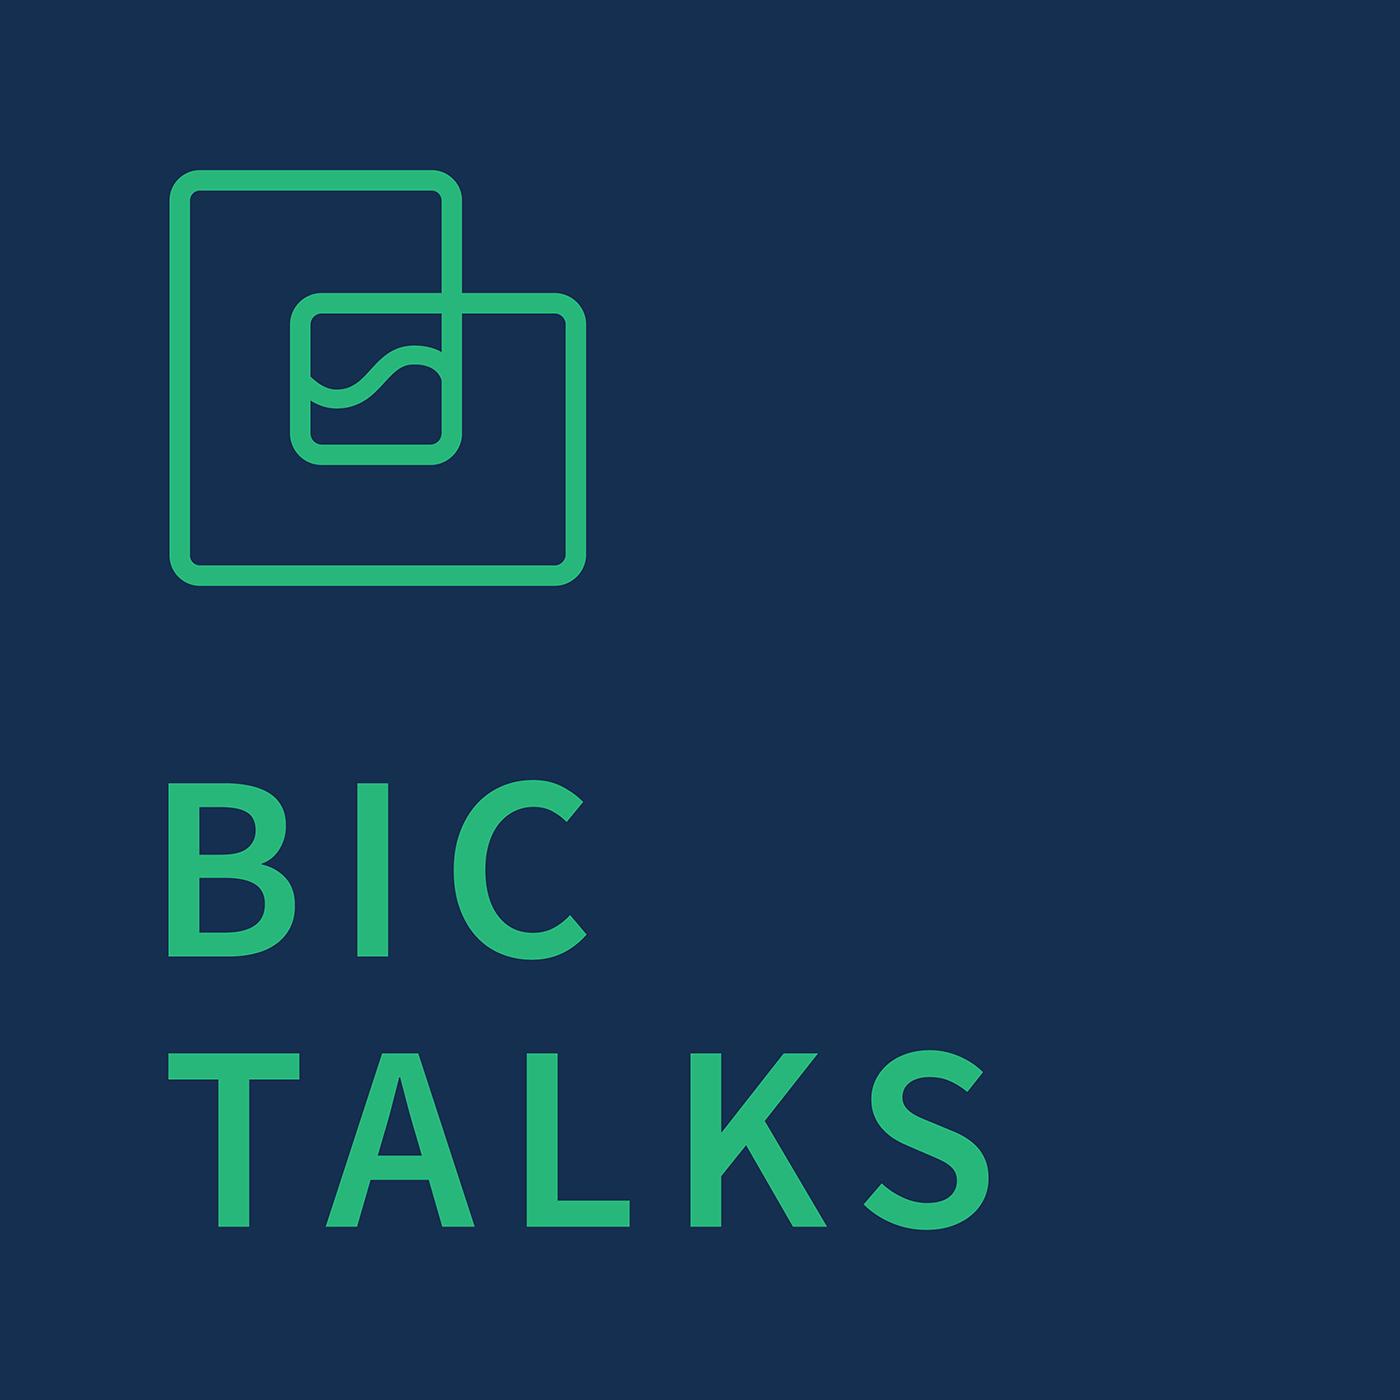 BIC TALKS show art